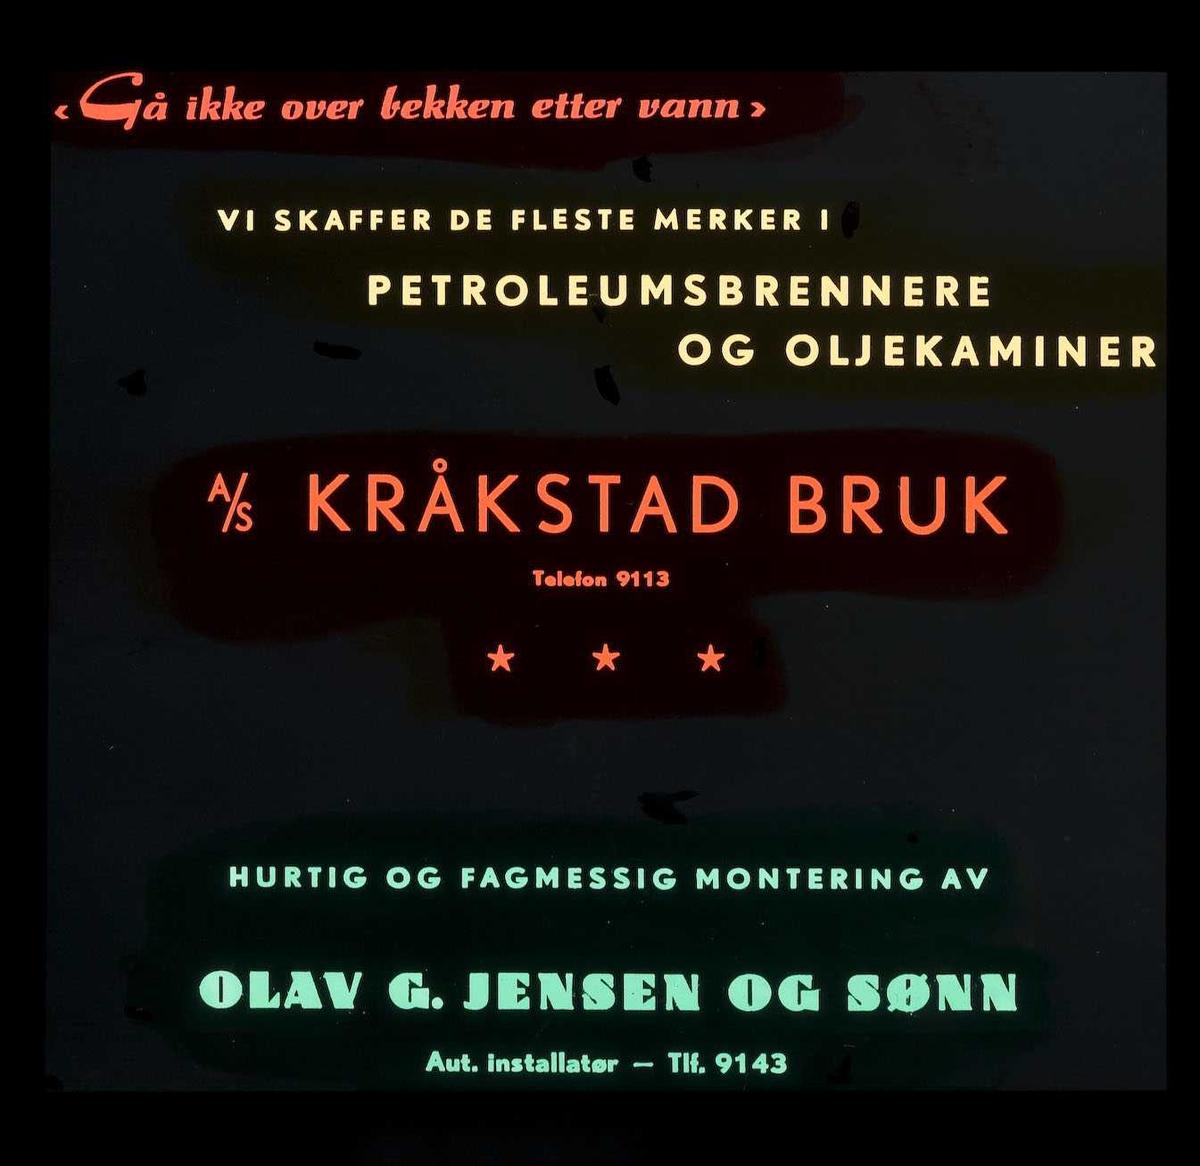 Kinoreklame fra Ski. Gå ikke over bekken etter vann. Vi skaffer de fleste merker i petroleumsbrennere og oljekaminer A/S Kråkstad Bruk. Hurtig og fagmessig montering av Olav. G. Jensen og sønn.